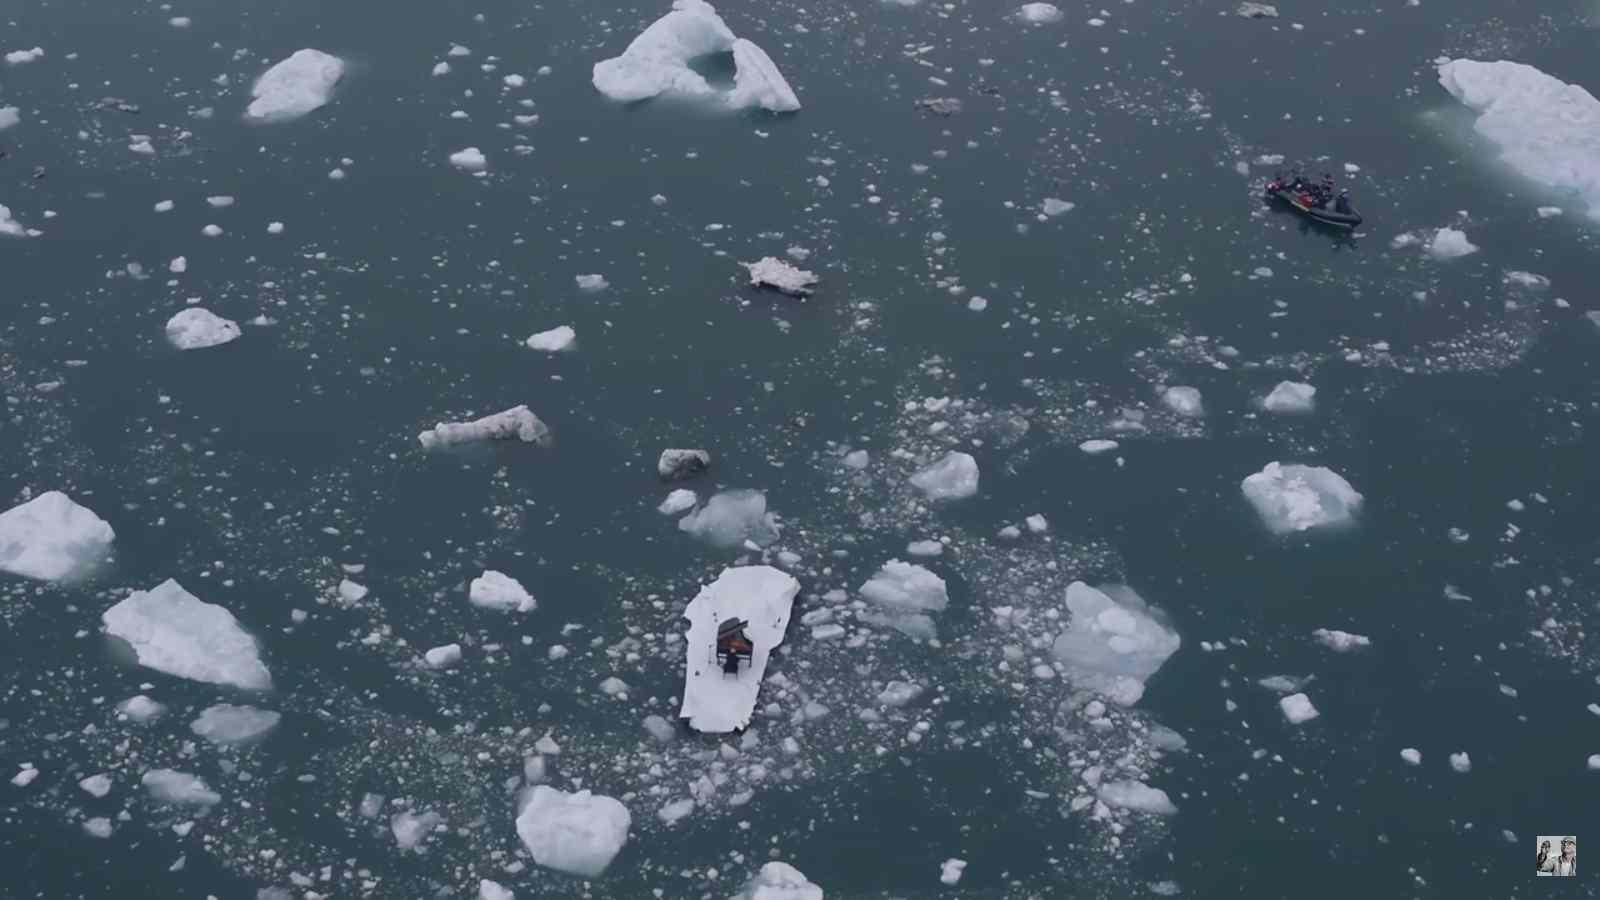 Több kamera filmezte: a kép jobb felső sarkában egy kis csónakban az egyik stáb látható